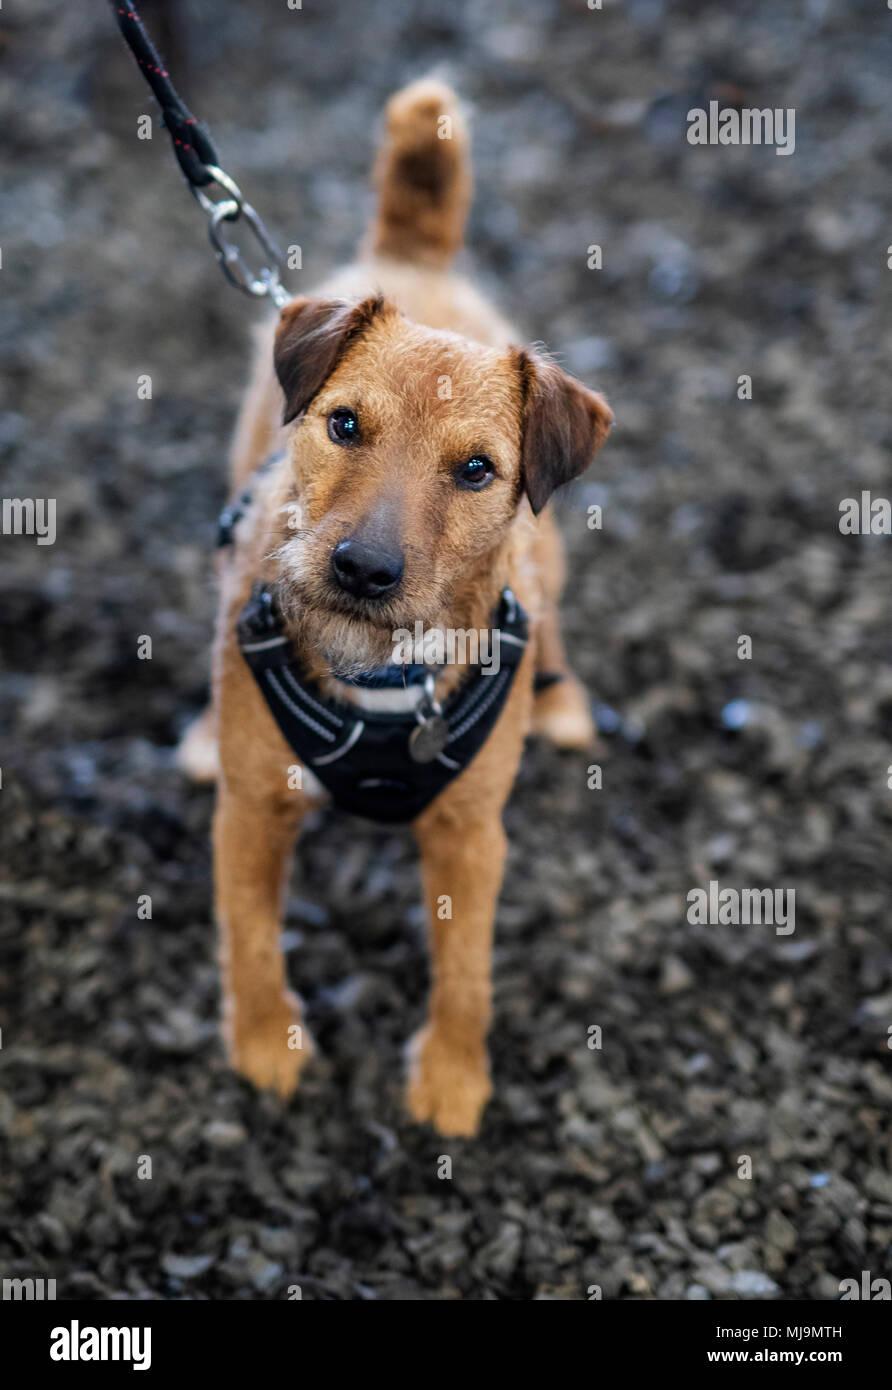 Süße kleine Terrier für Fotos posiert Stockbild